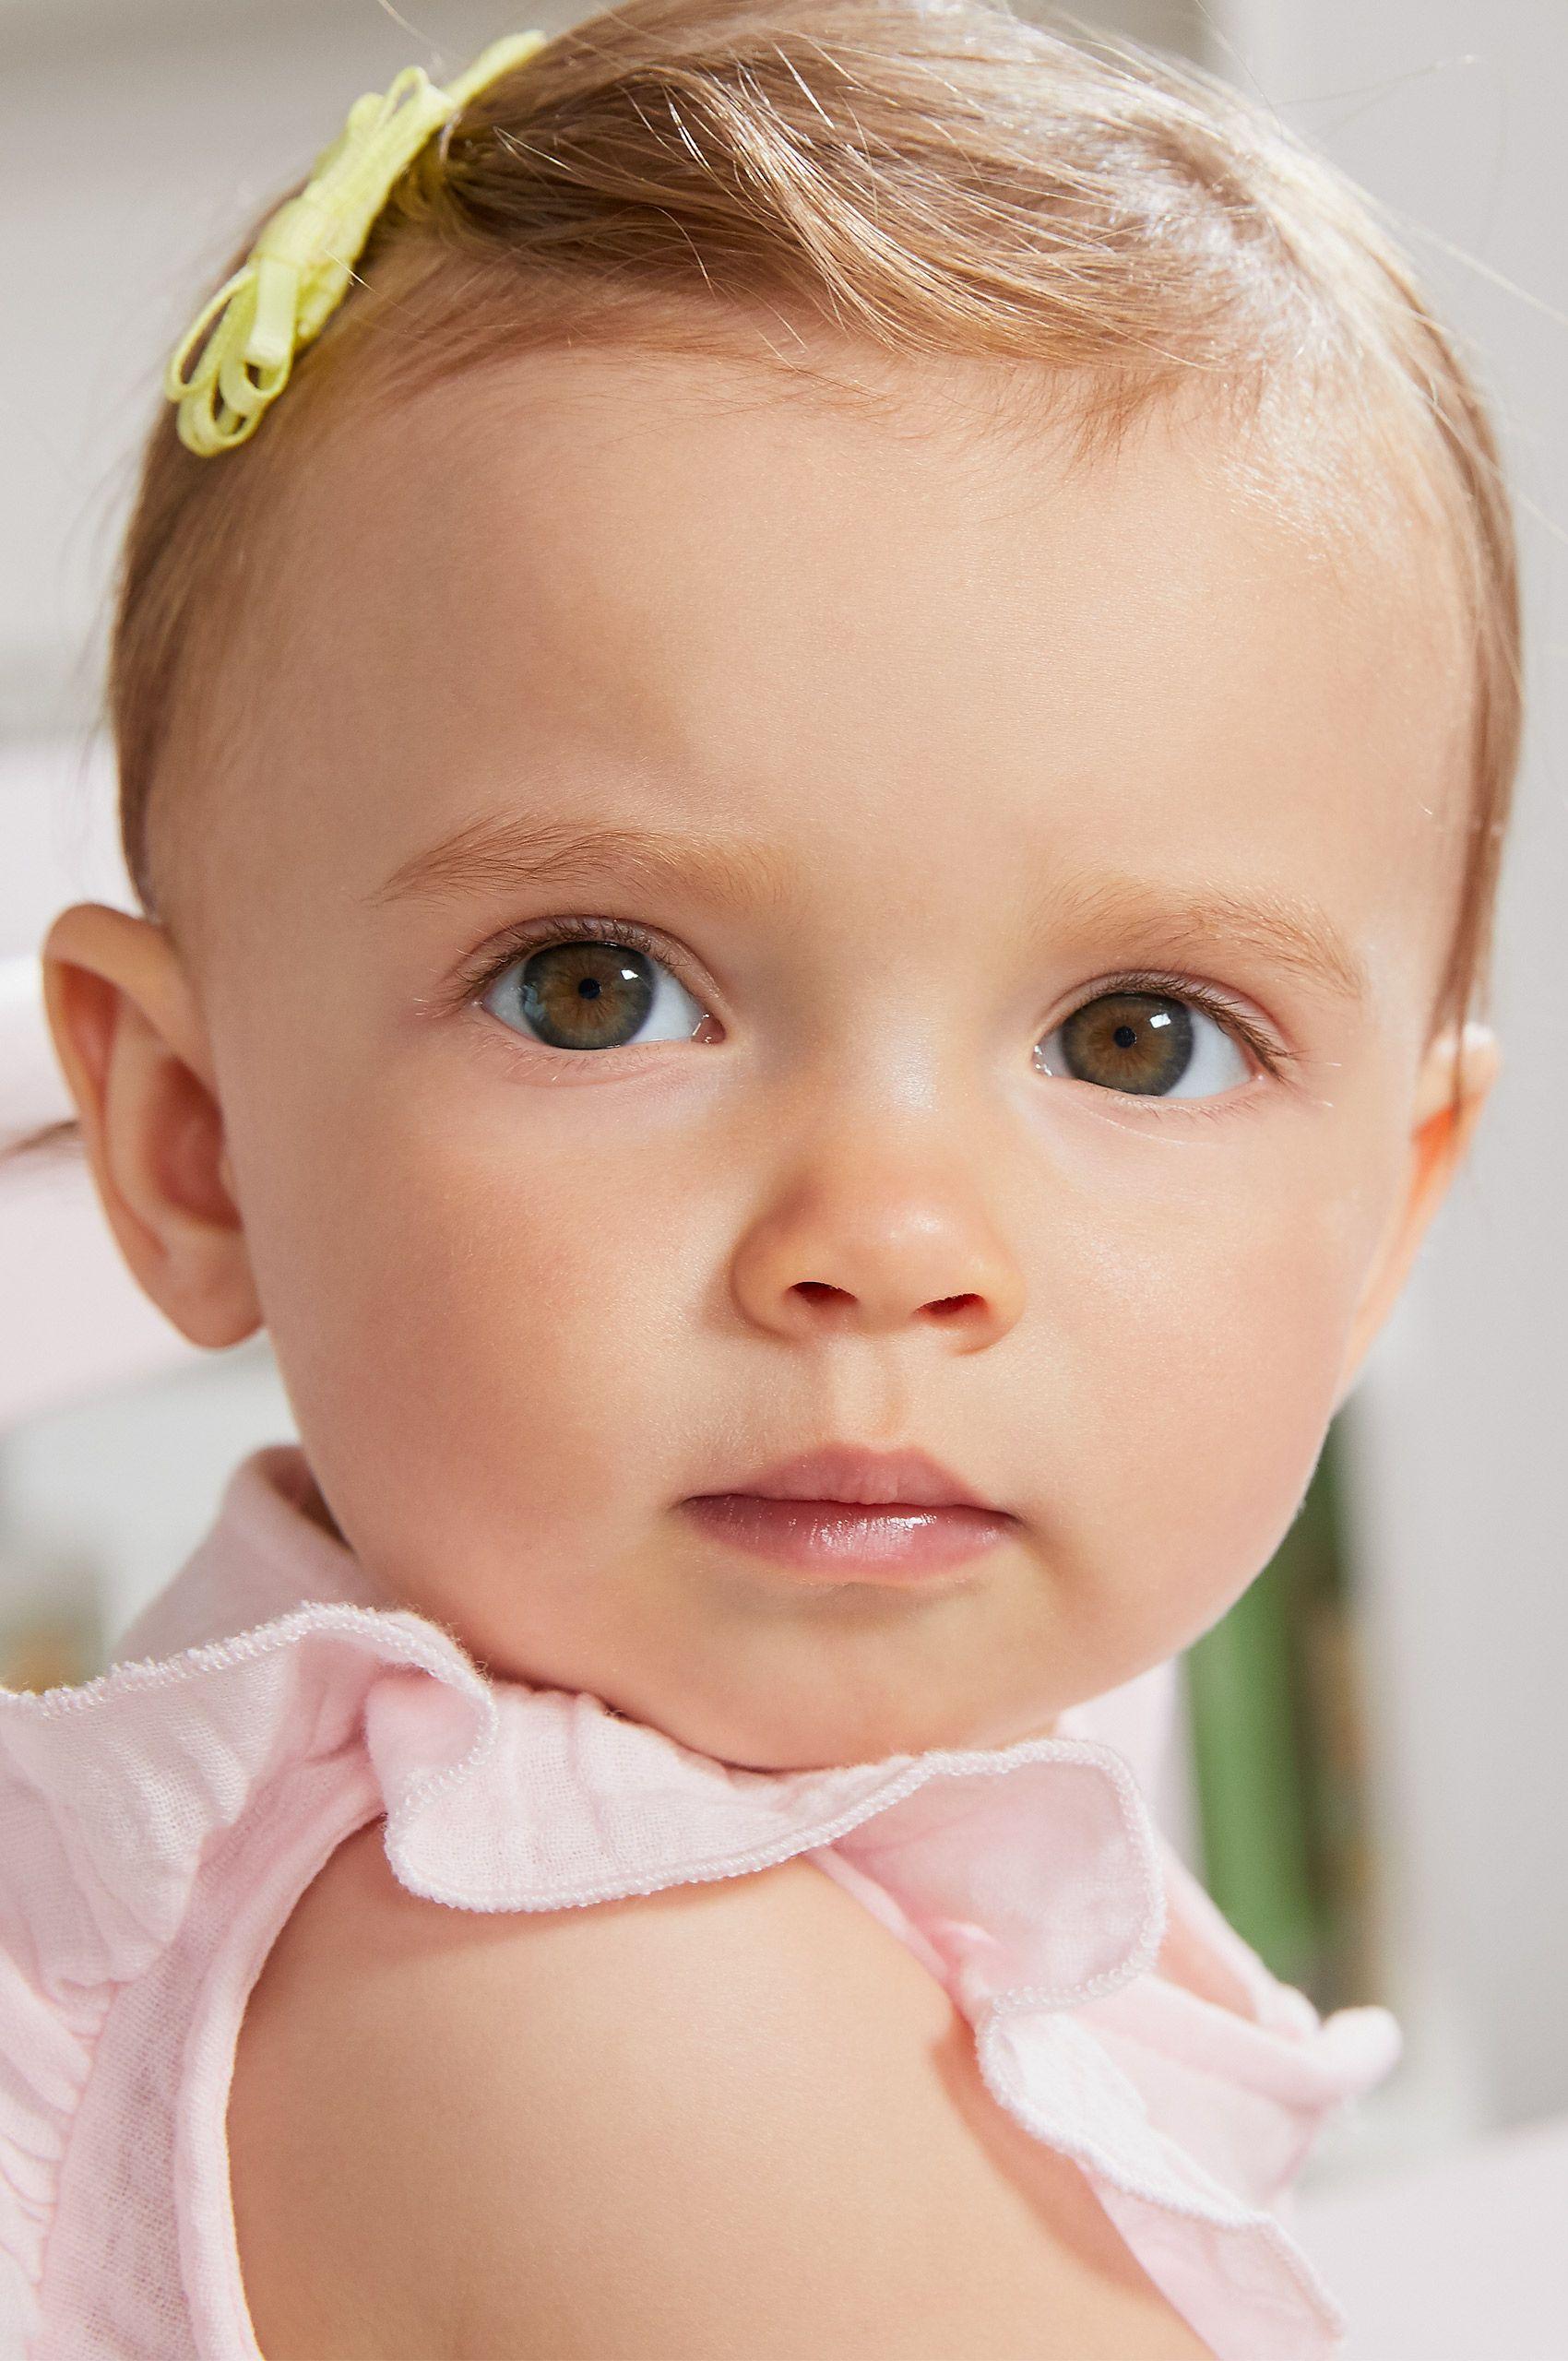 Caucasian baby girl